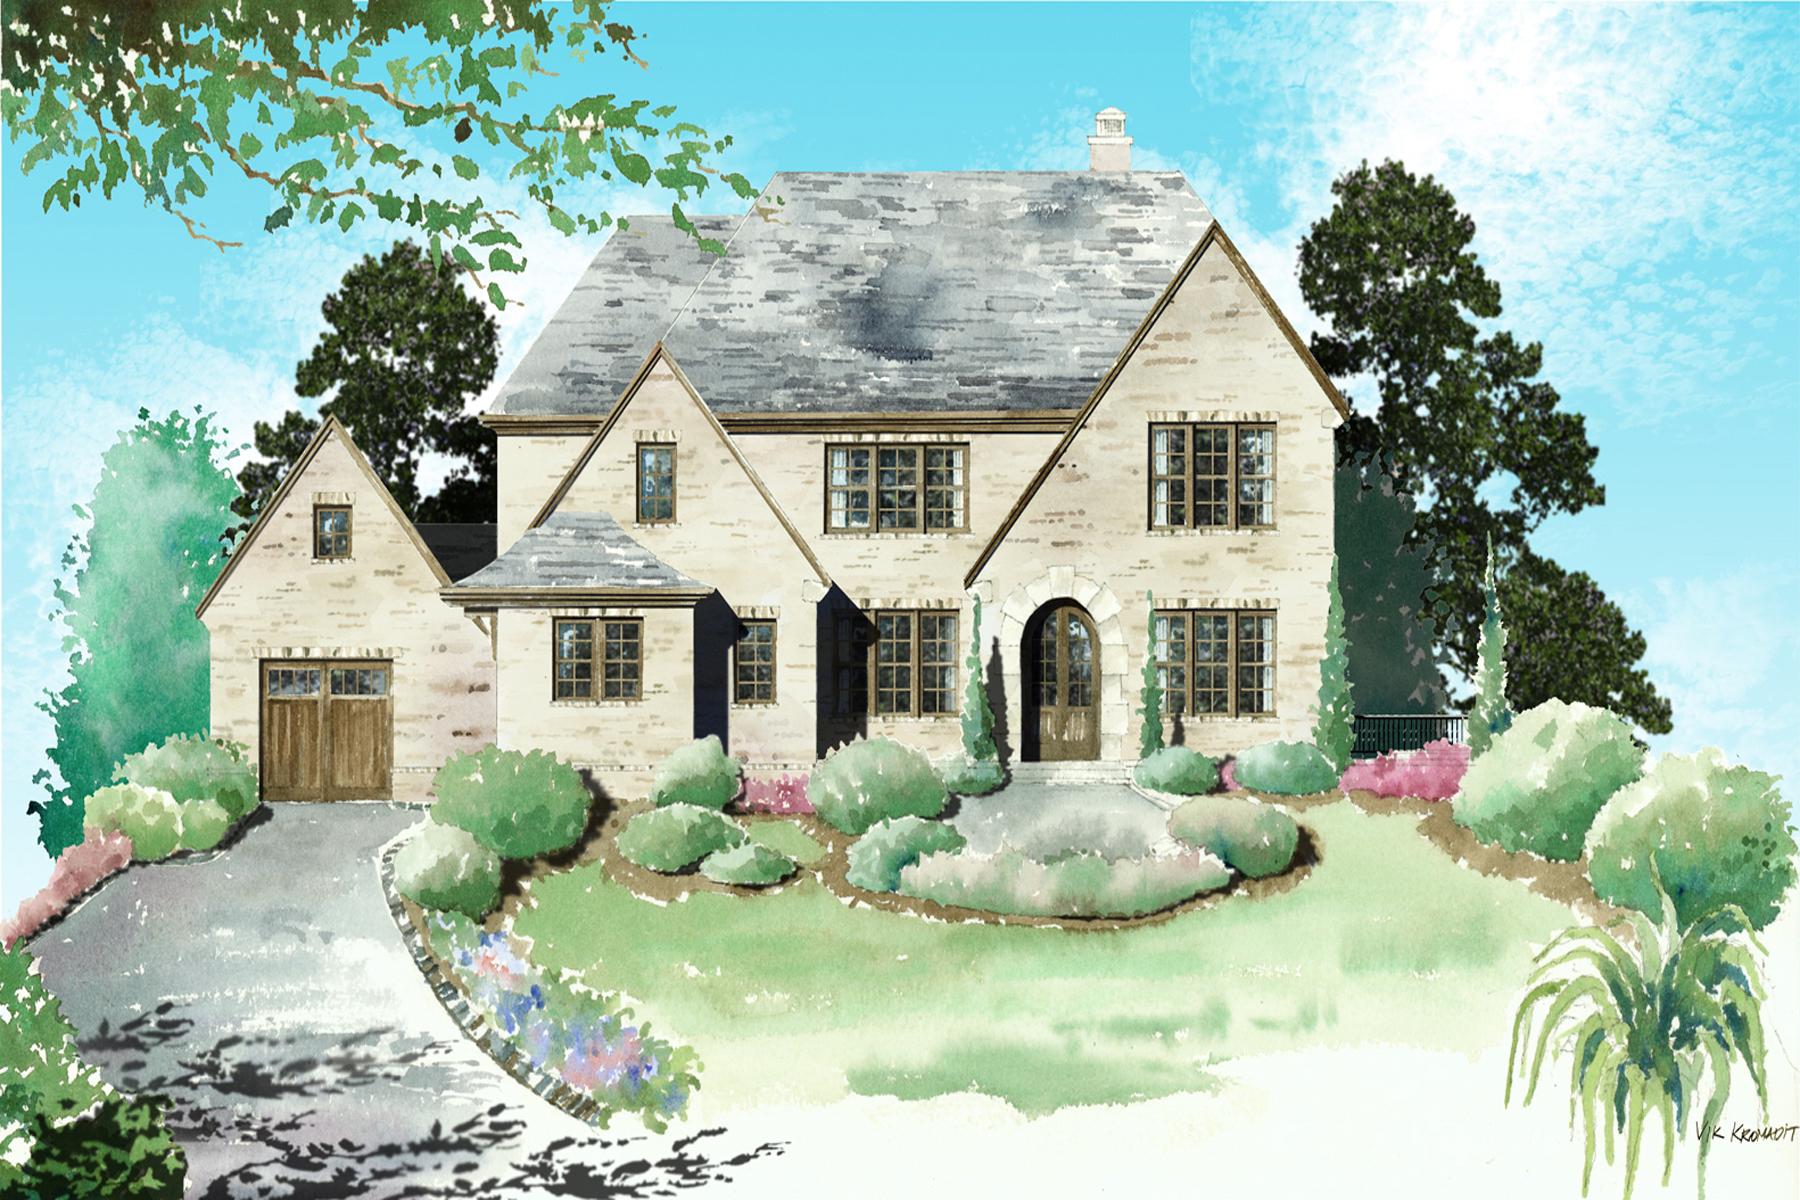 独户住宅 为 销售 在 Jim Chapman New Construction 5010 Riverview Road 桑迪, 乔治亚州, 30327 美国